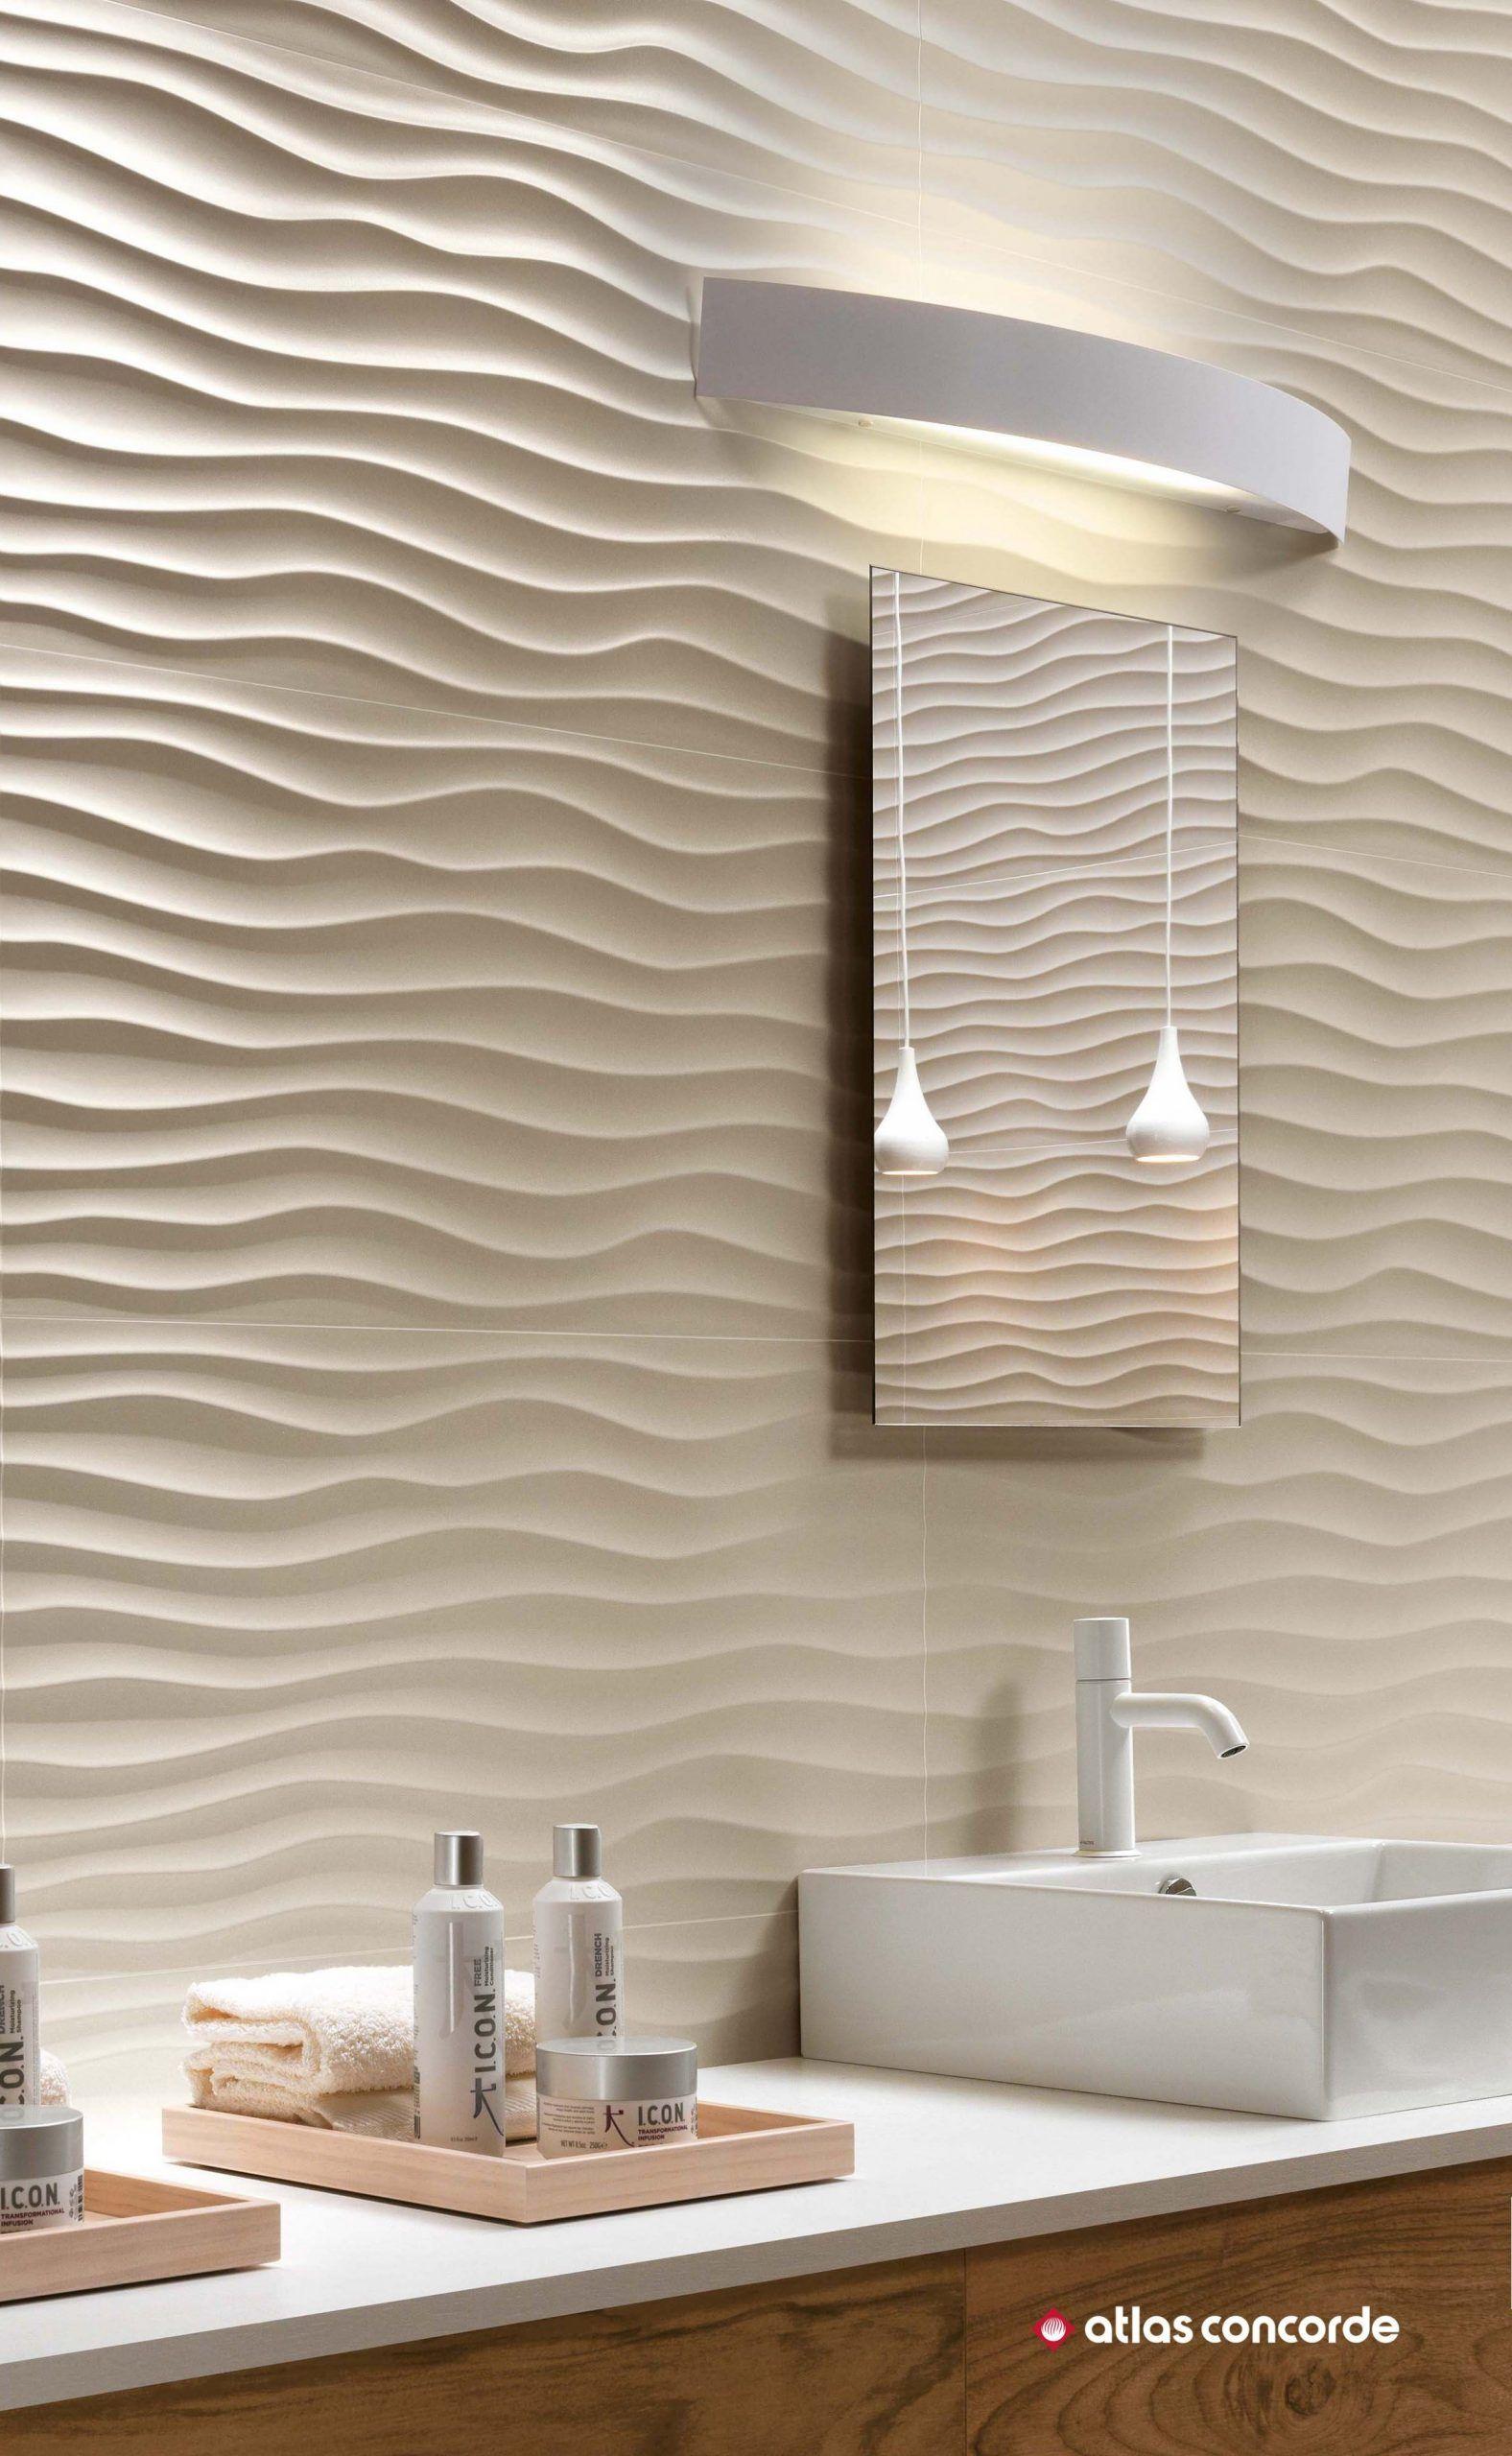 Bathroom Wall Tiles Near Me In 2020 Bathroom Wall Tile Design Wall Tiles Design Bathroom Wall Tile